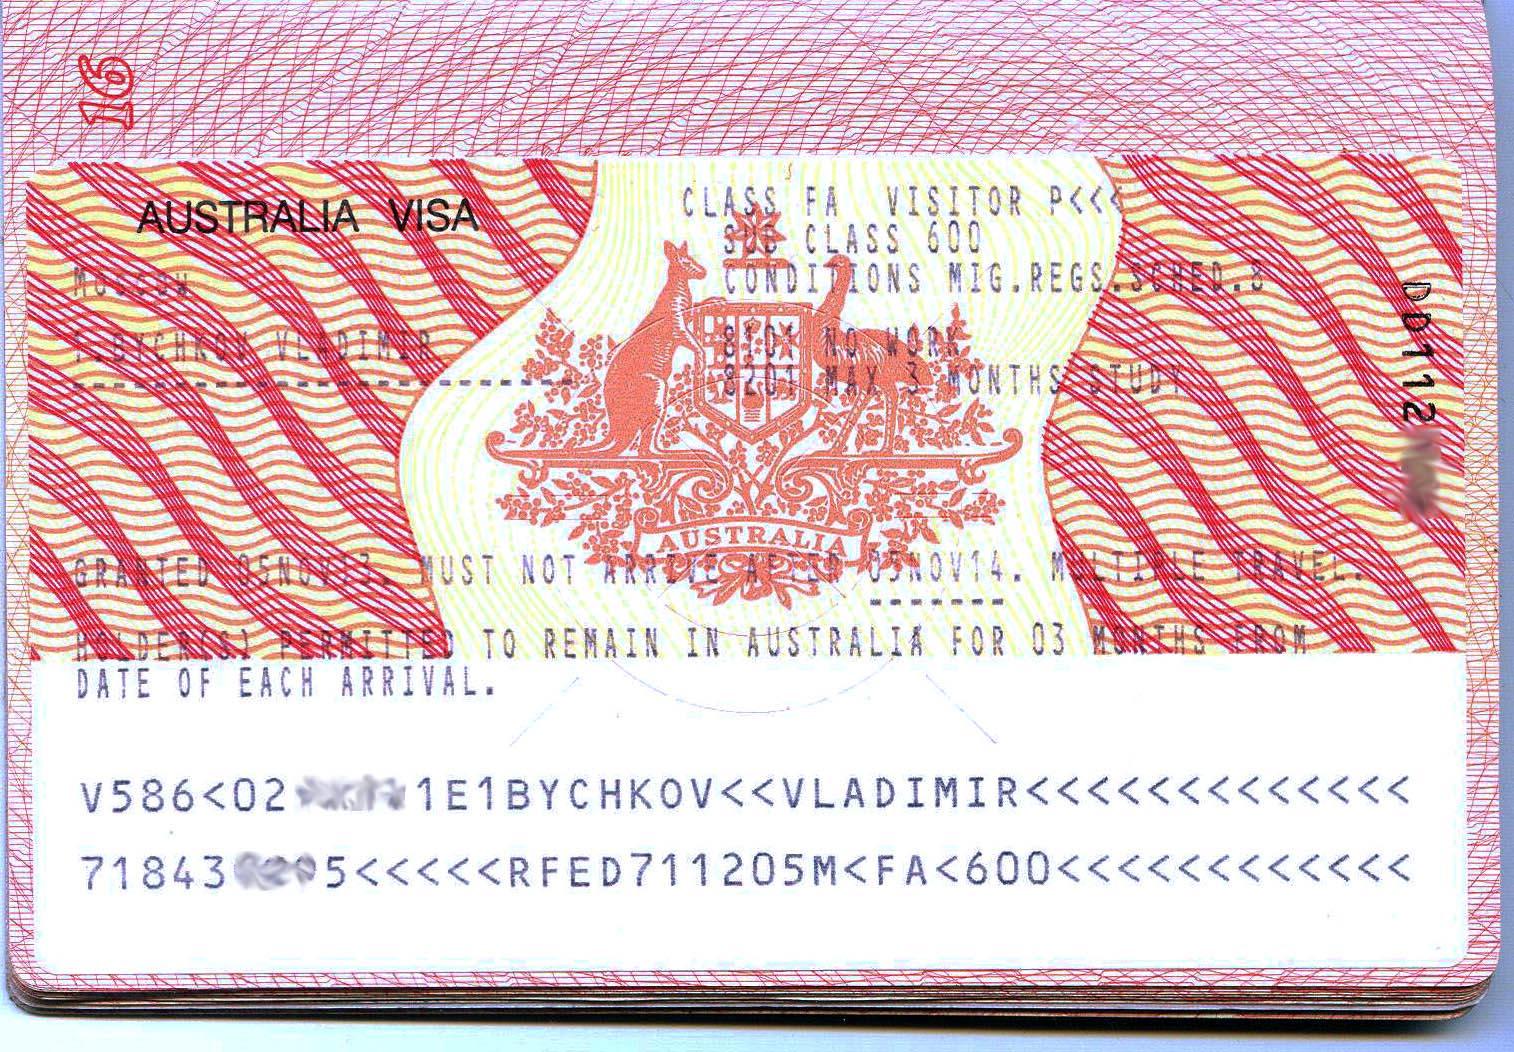 Как выглядит австралийская виза